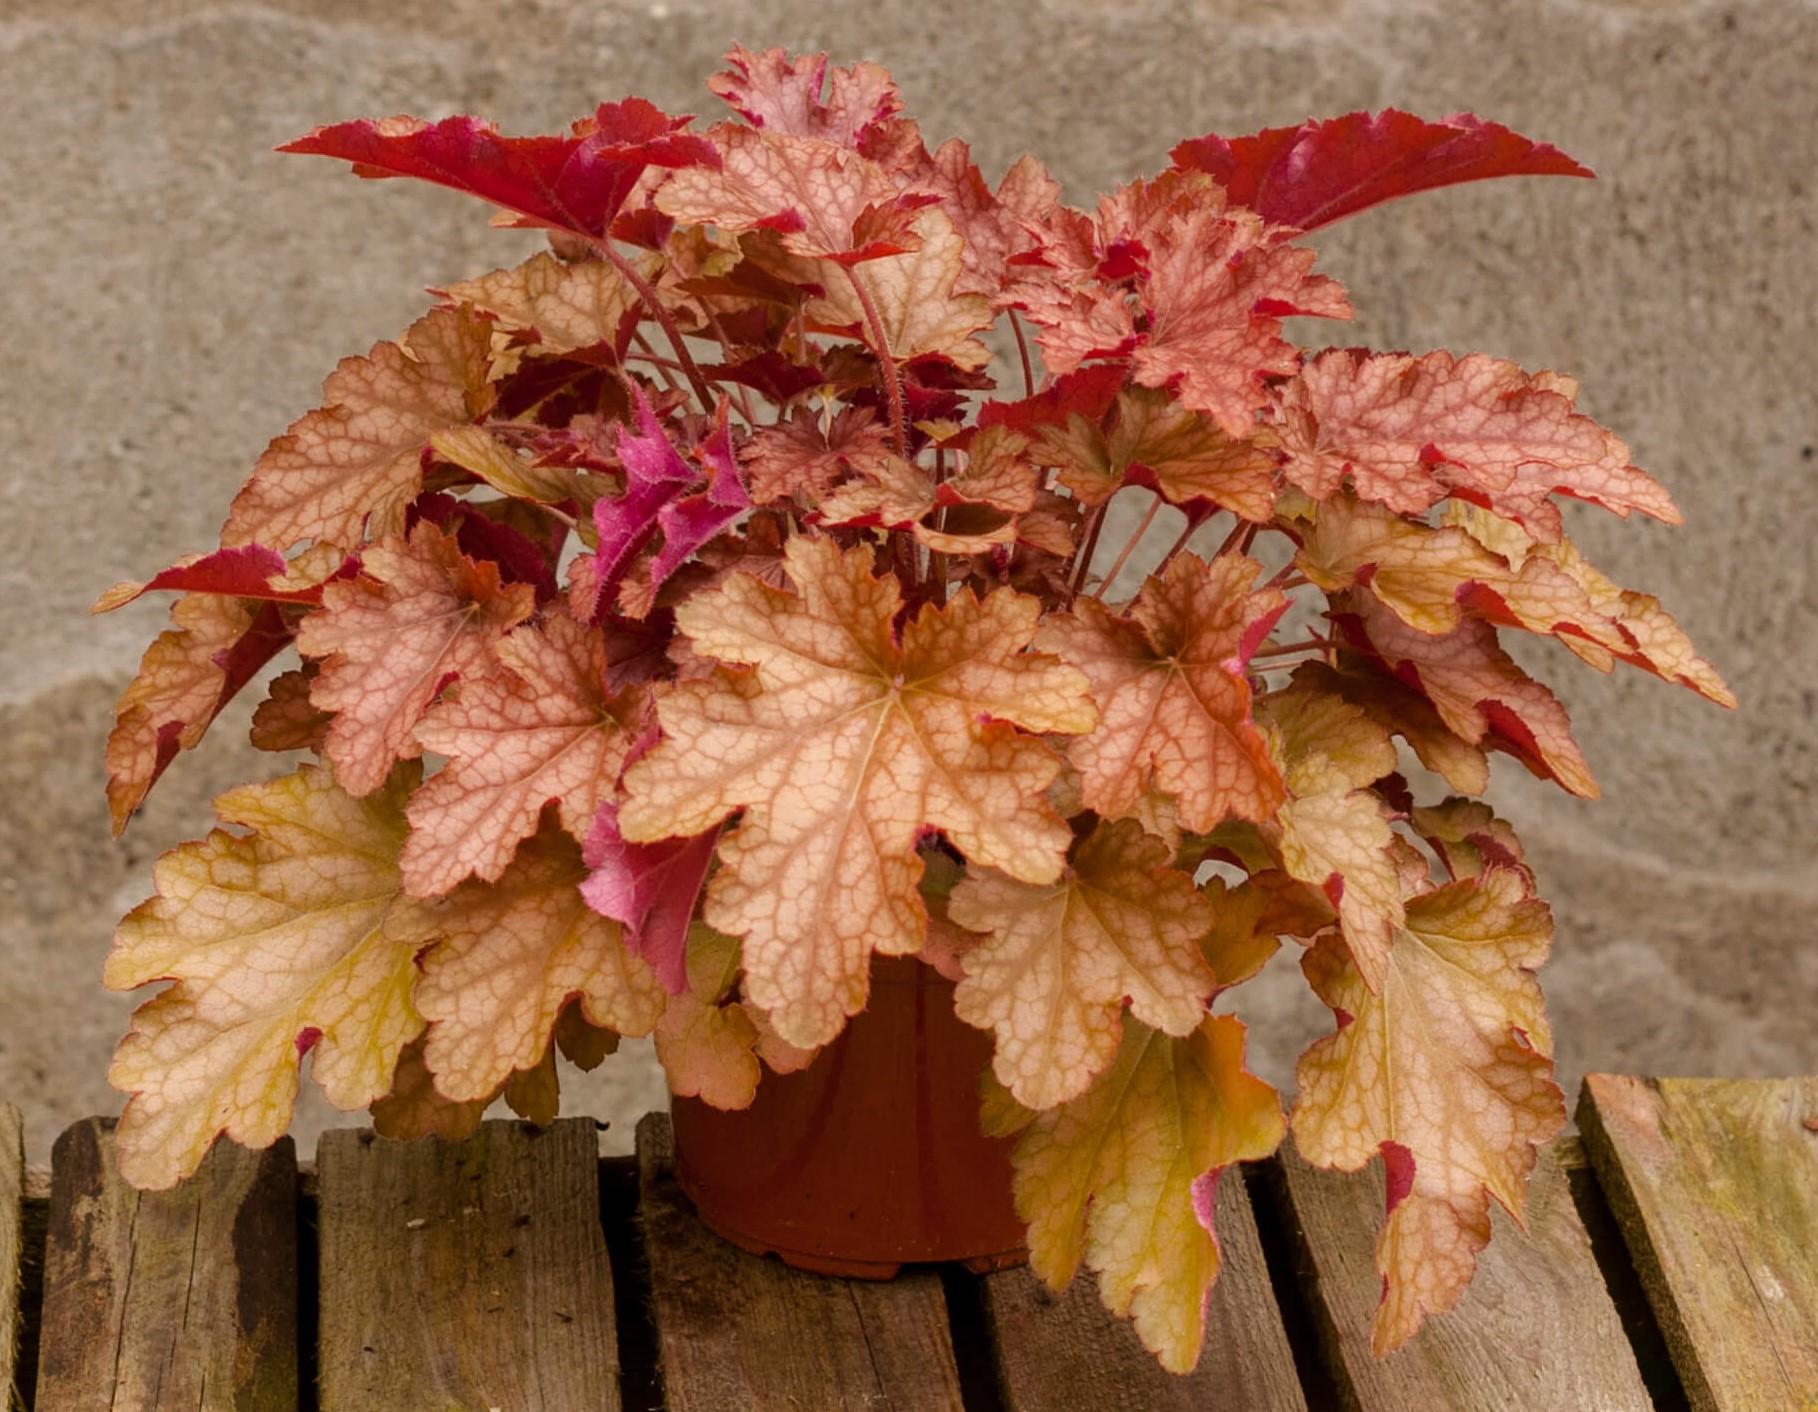 Purpurglöckchen (Heuchera) 'Ginger Peach' T12, pfirsichfarben - winterhart -